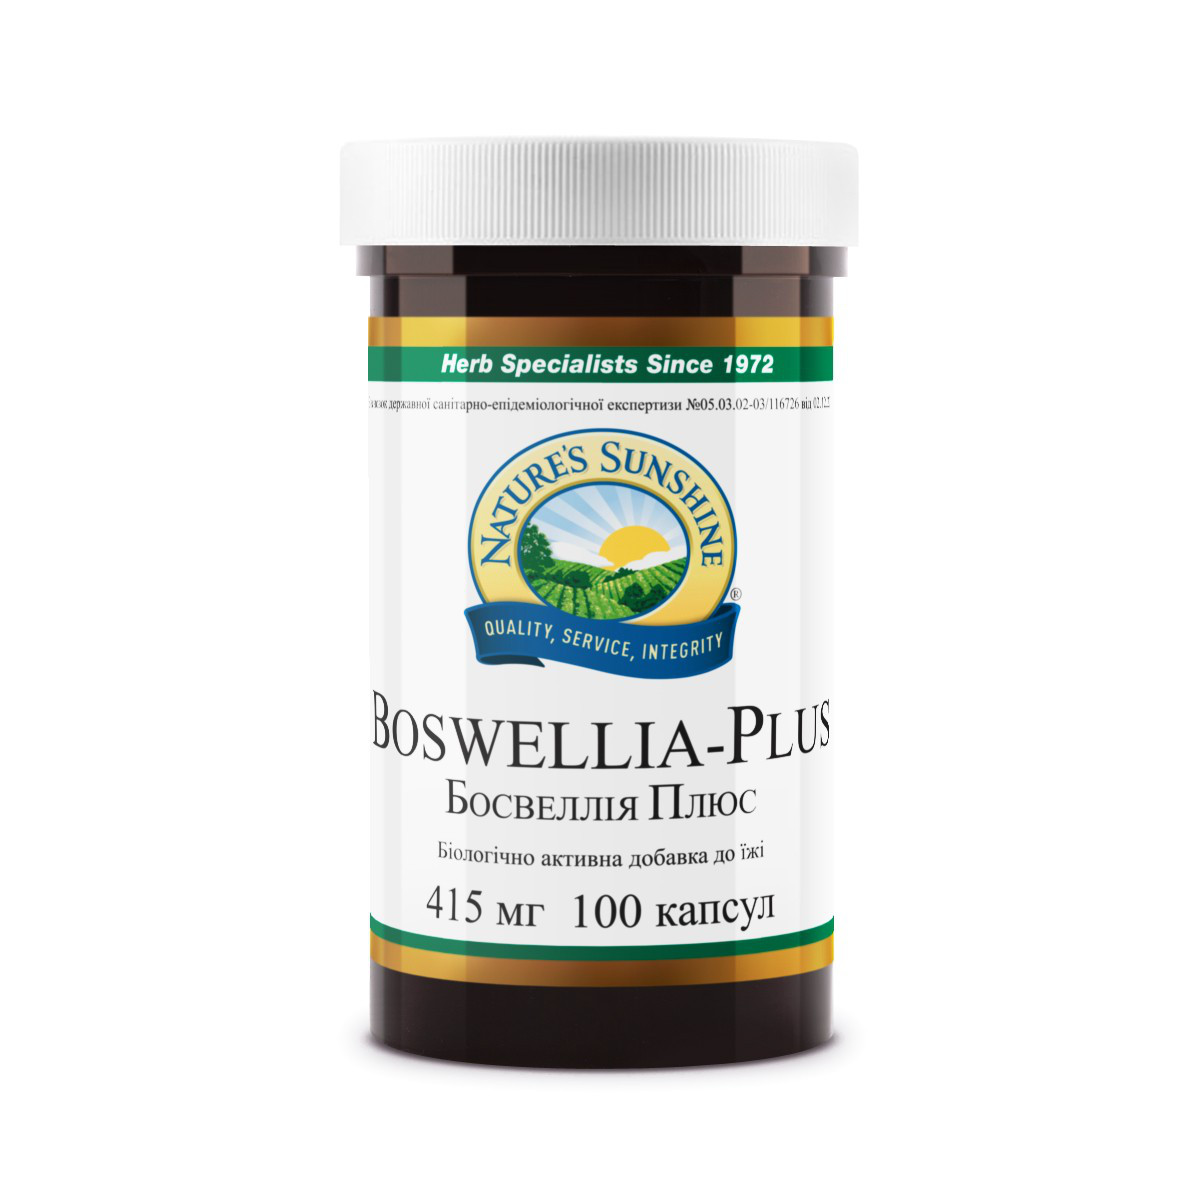 Босвеллия Плюс.Boswellia Plus.